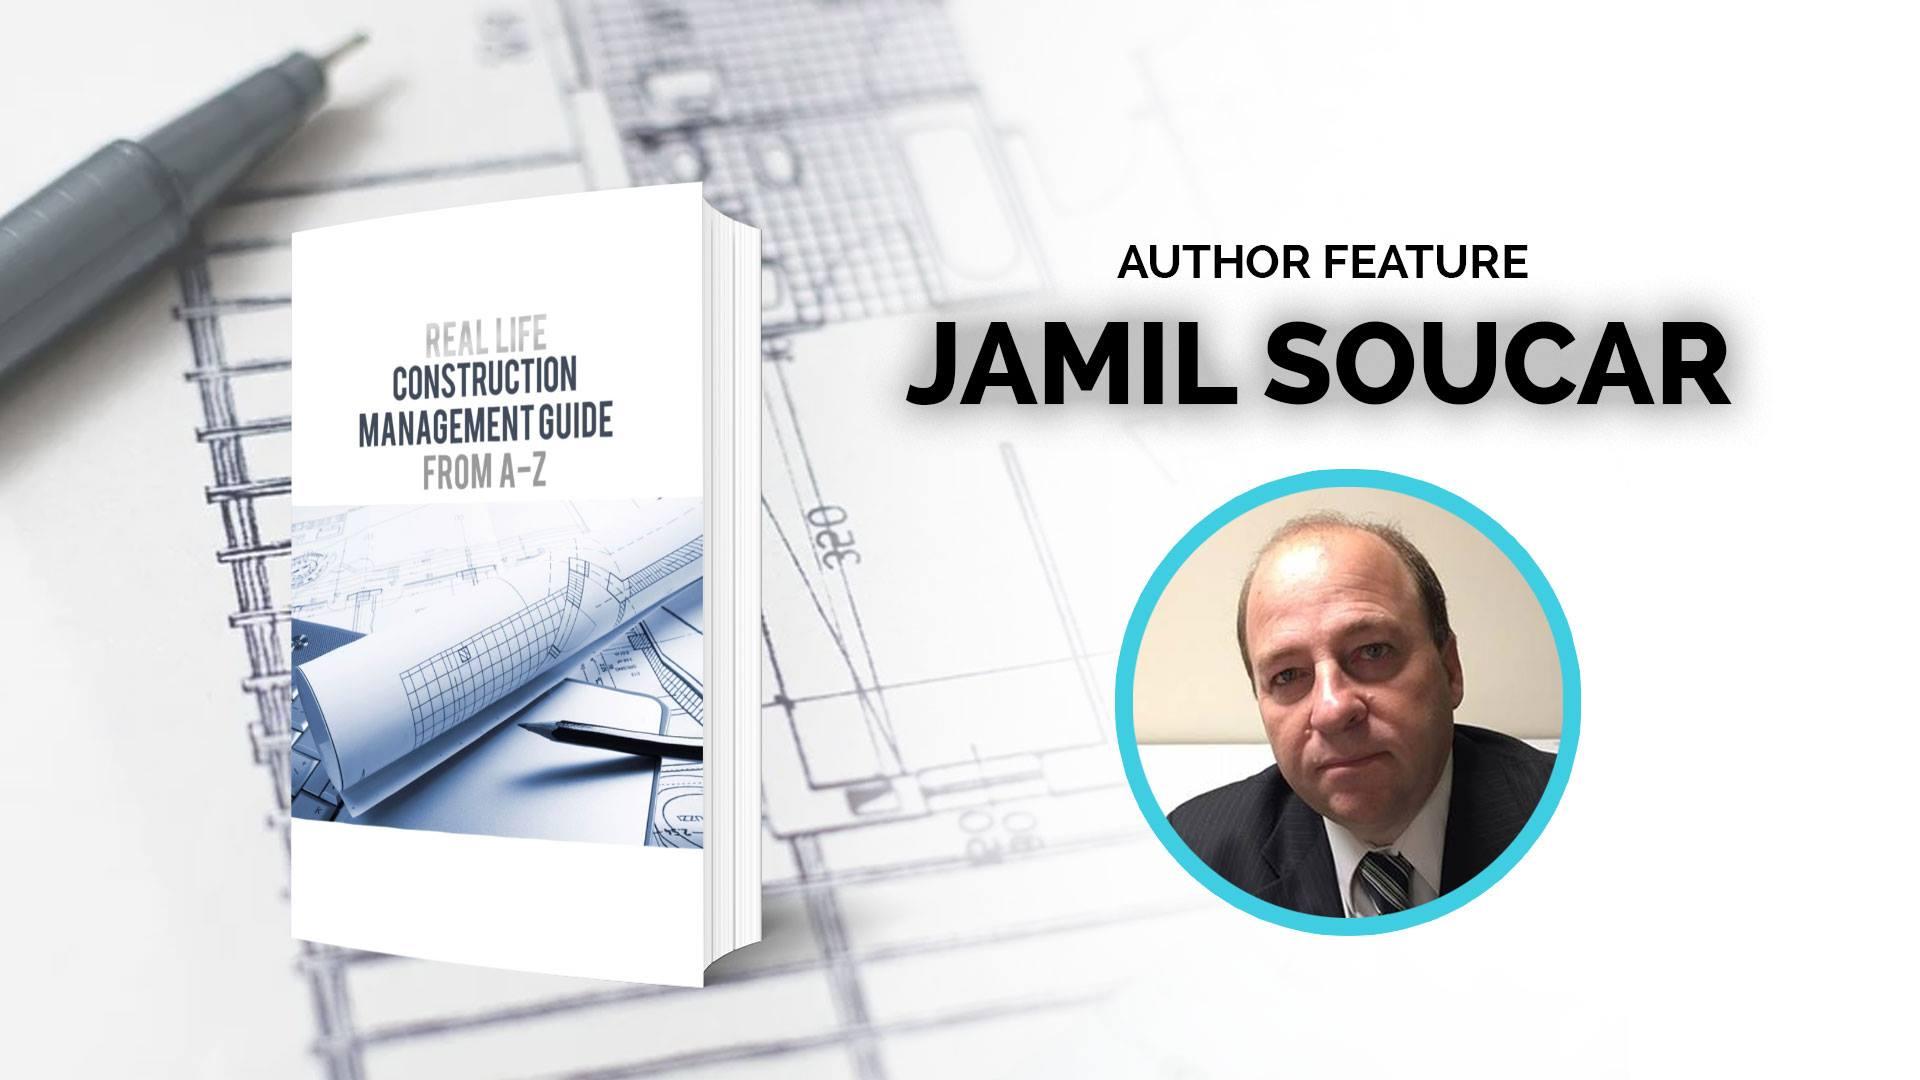 Jamil Soucar author feature